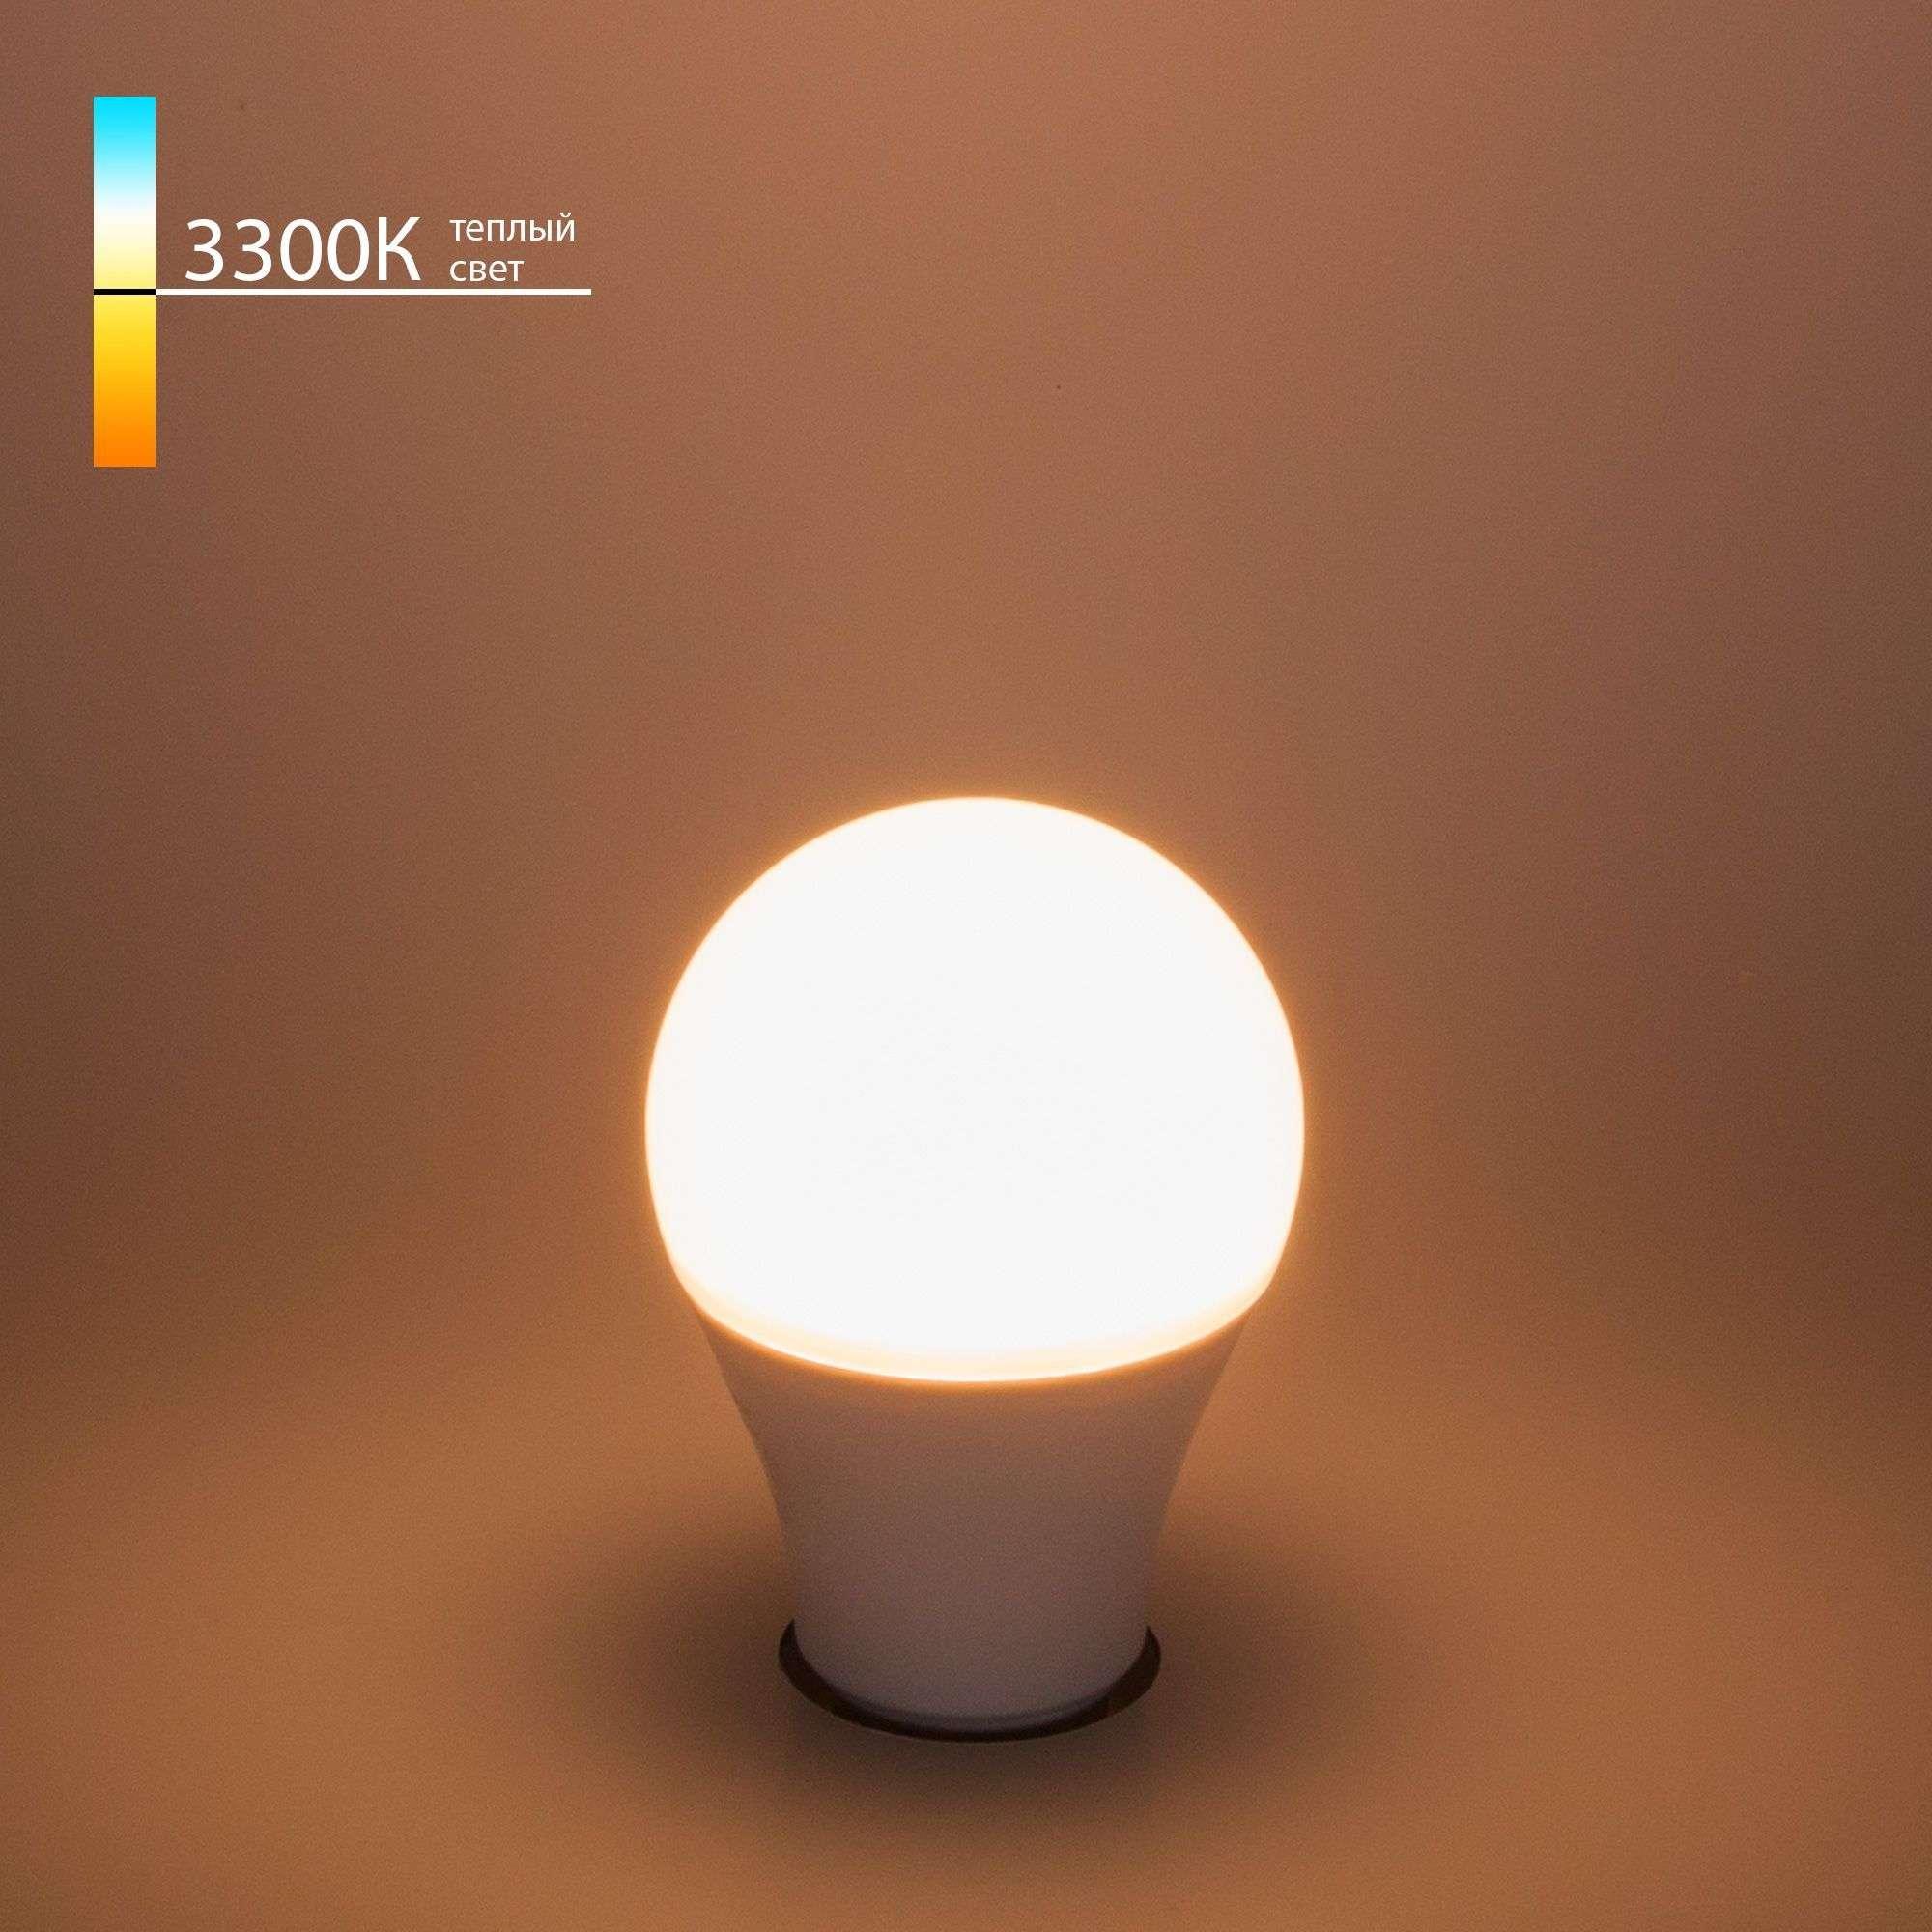 Светодиодная лампа A60 10W 3300K E27 Classic LED D 10W 3300K E27